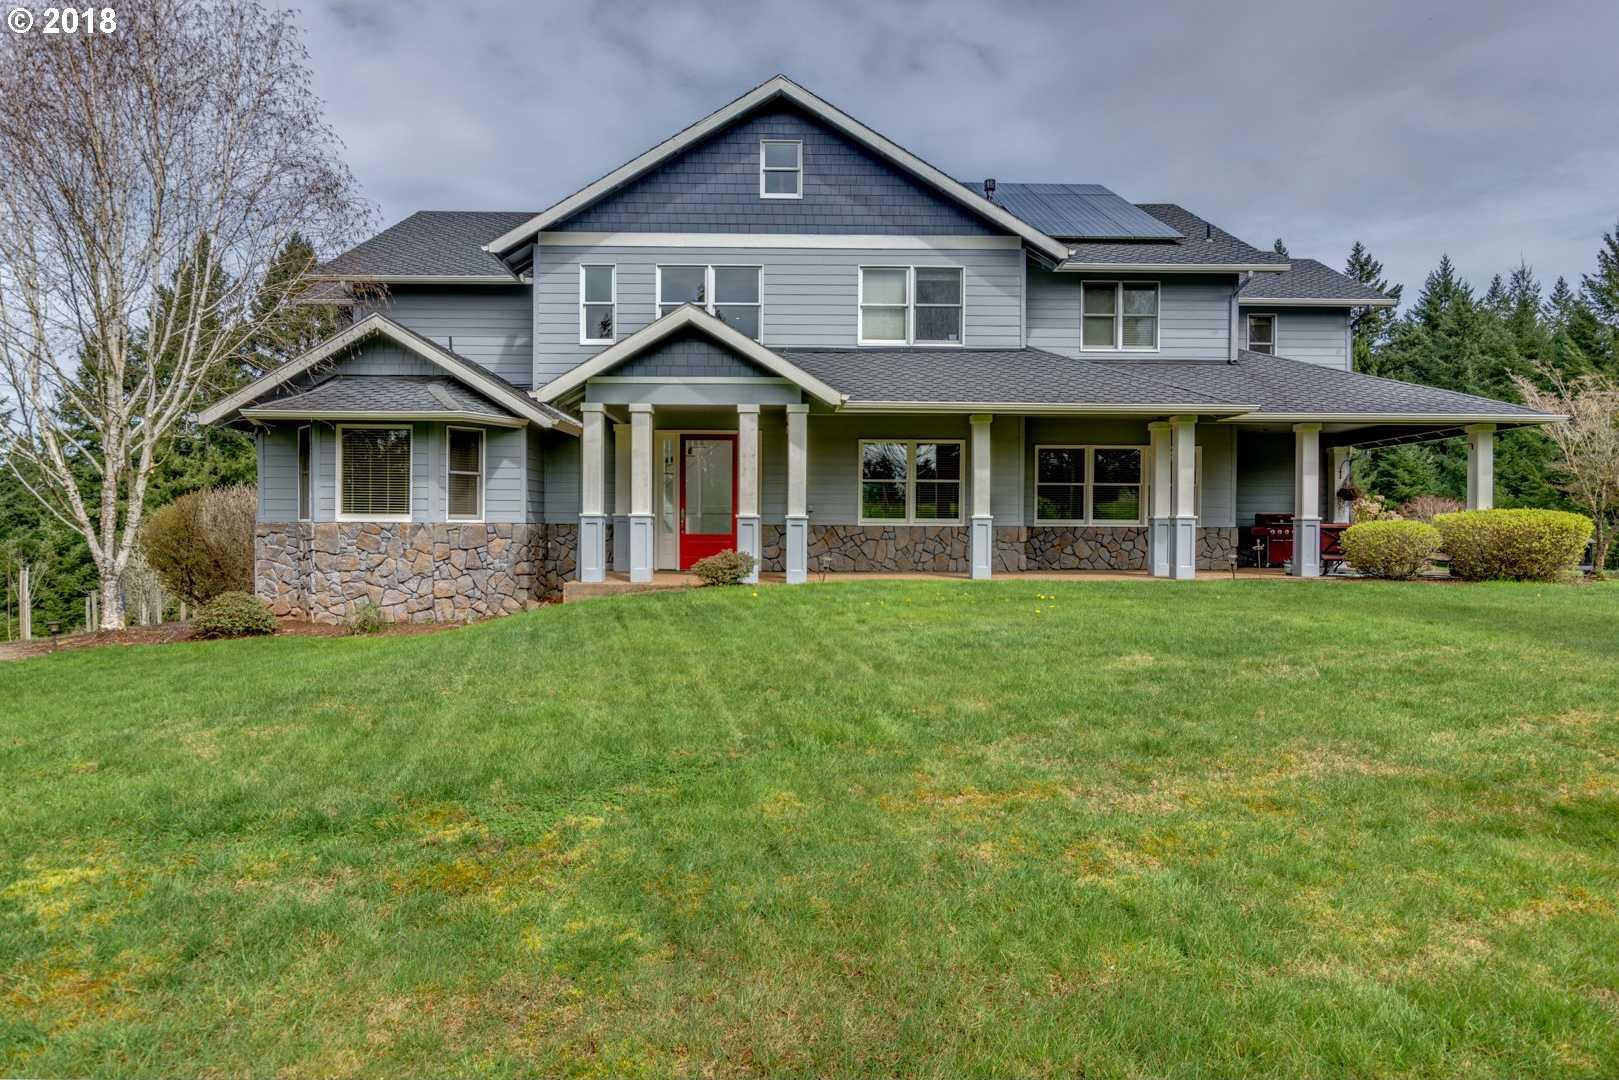 $925,000 - 4Br/5Ba -  for Sale in Beavercreek